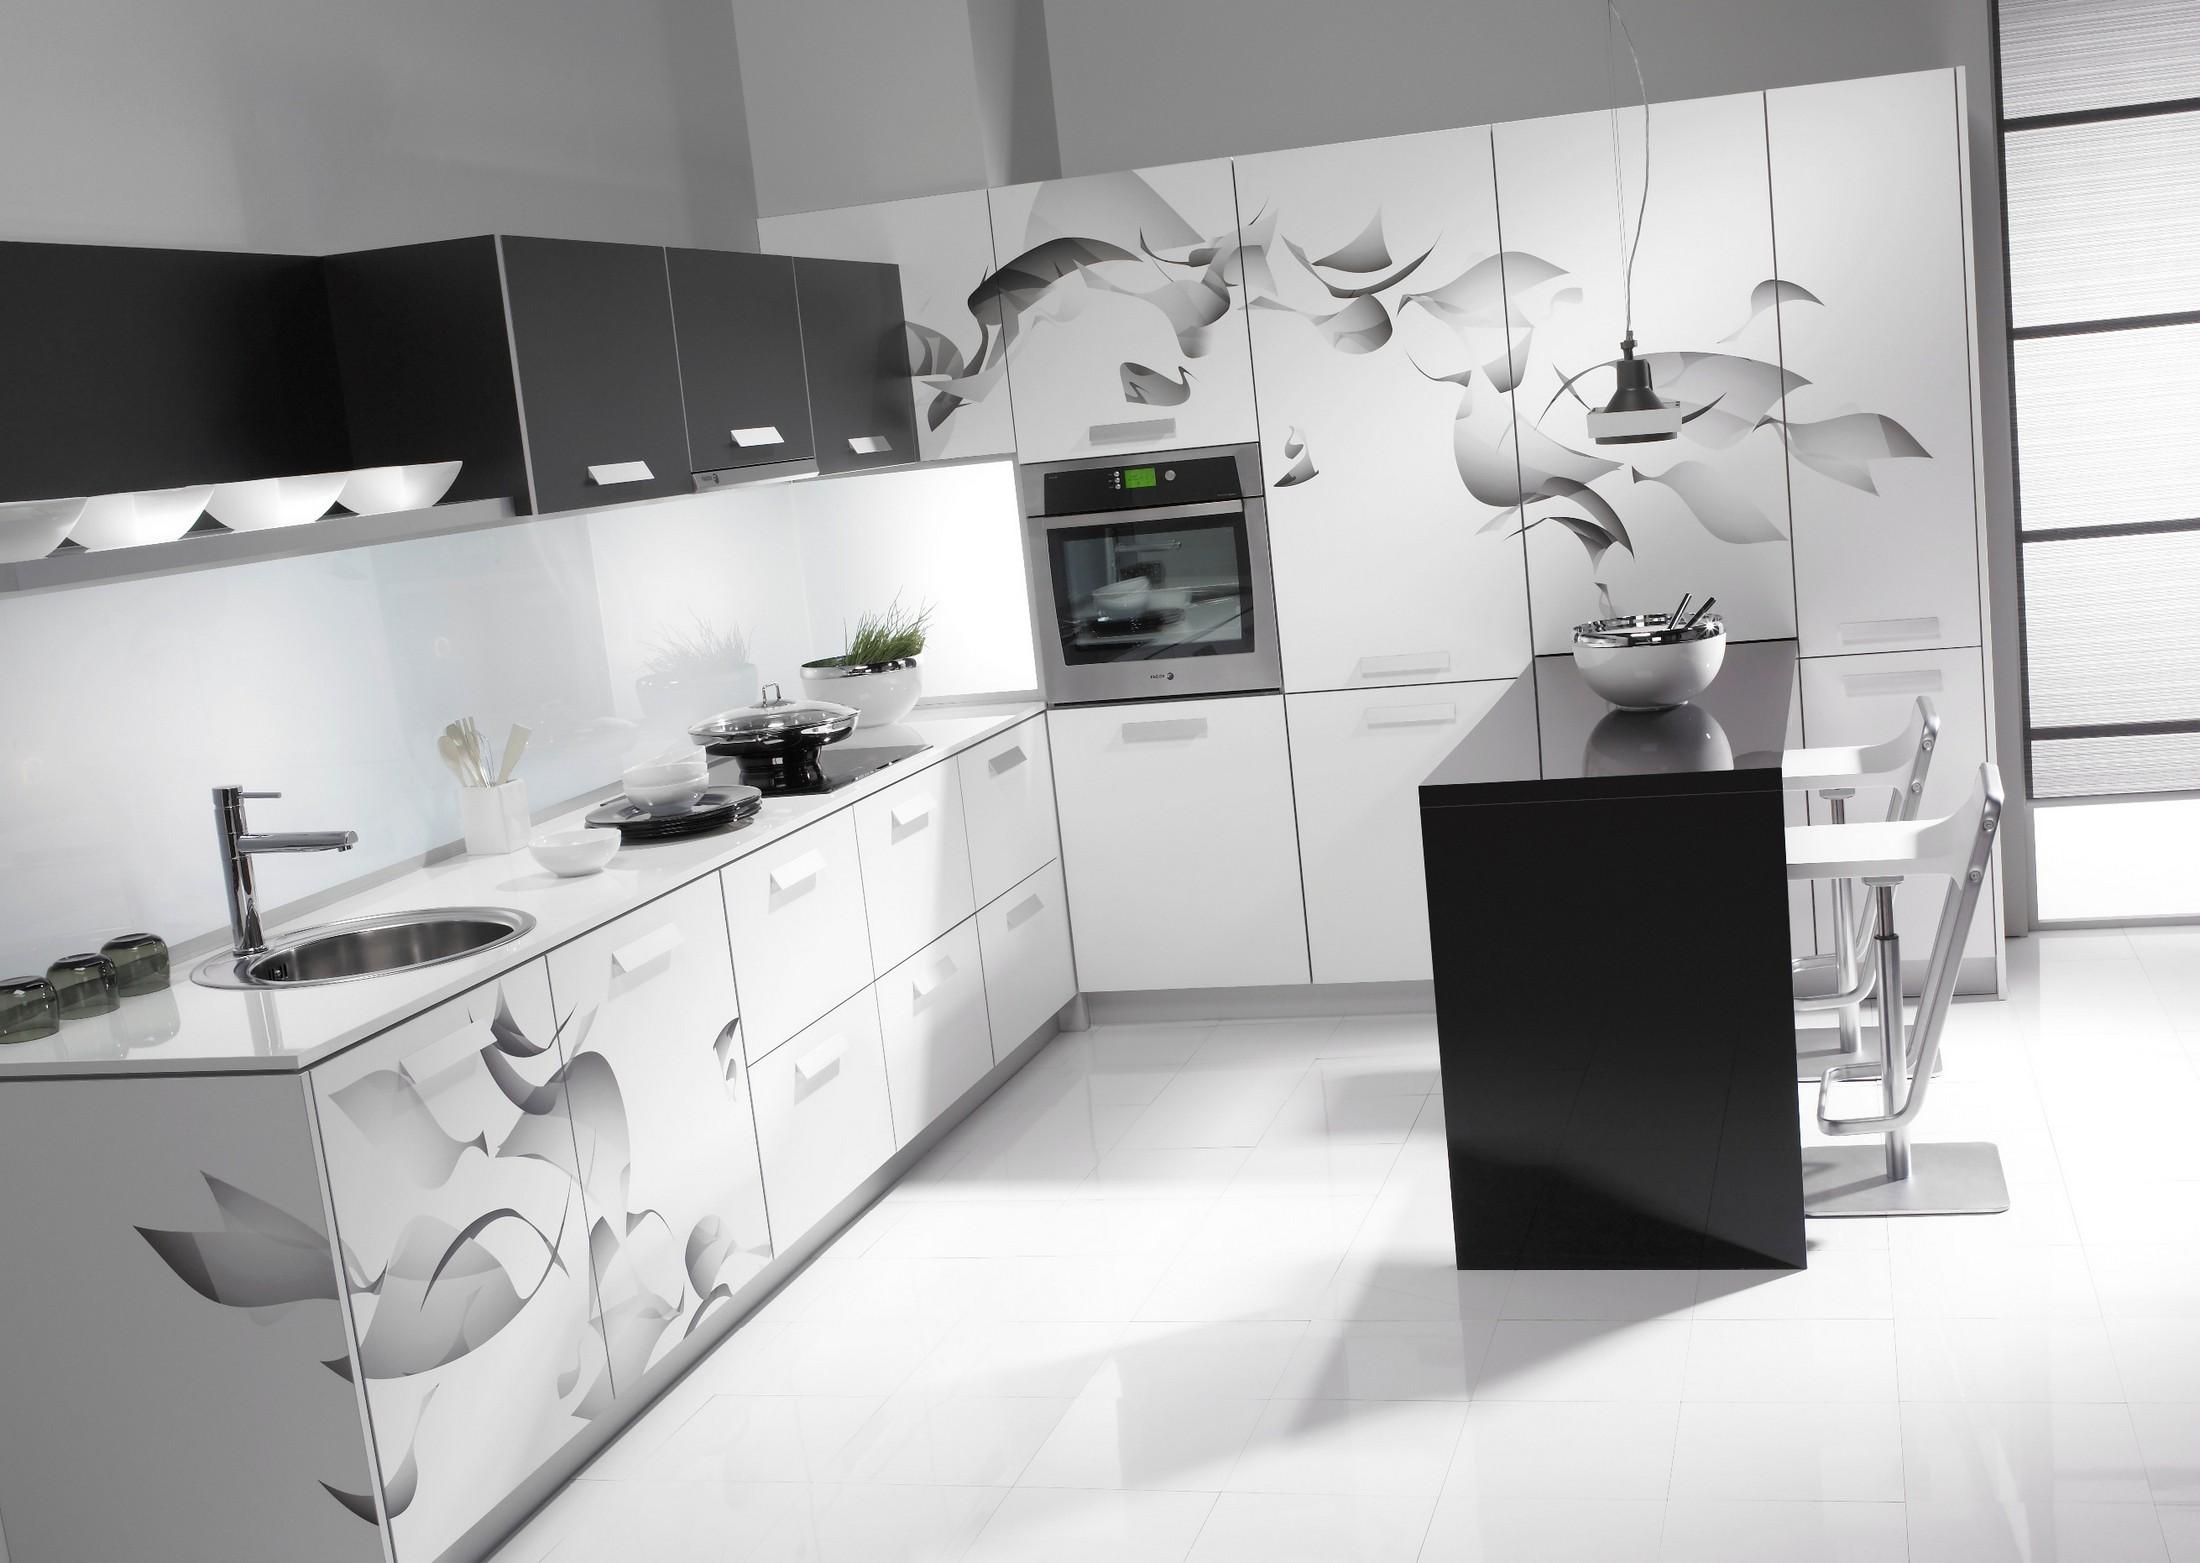 La nueva cocina de karlos argui ano for Articulos cocina originales